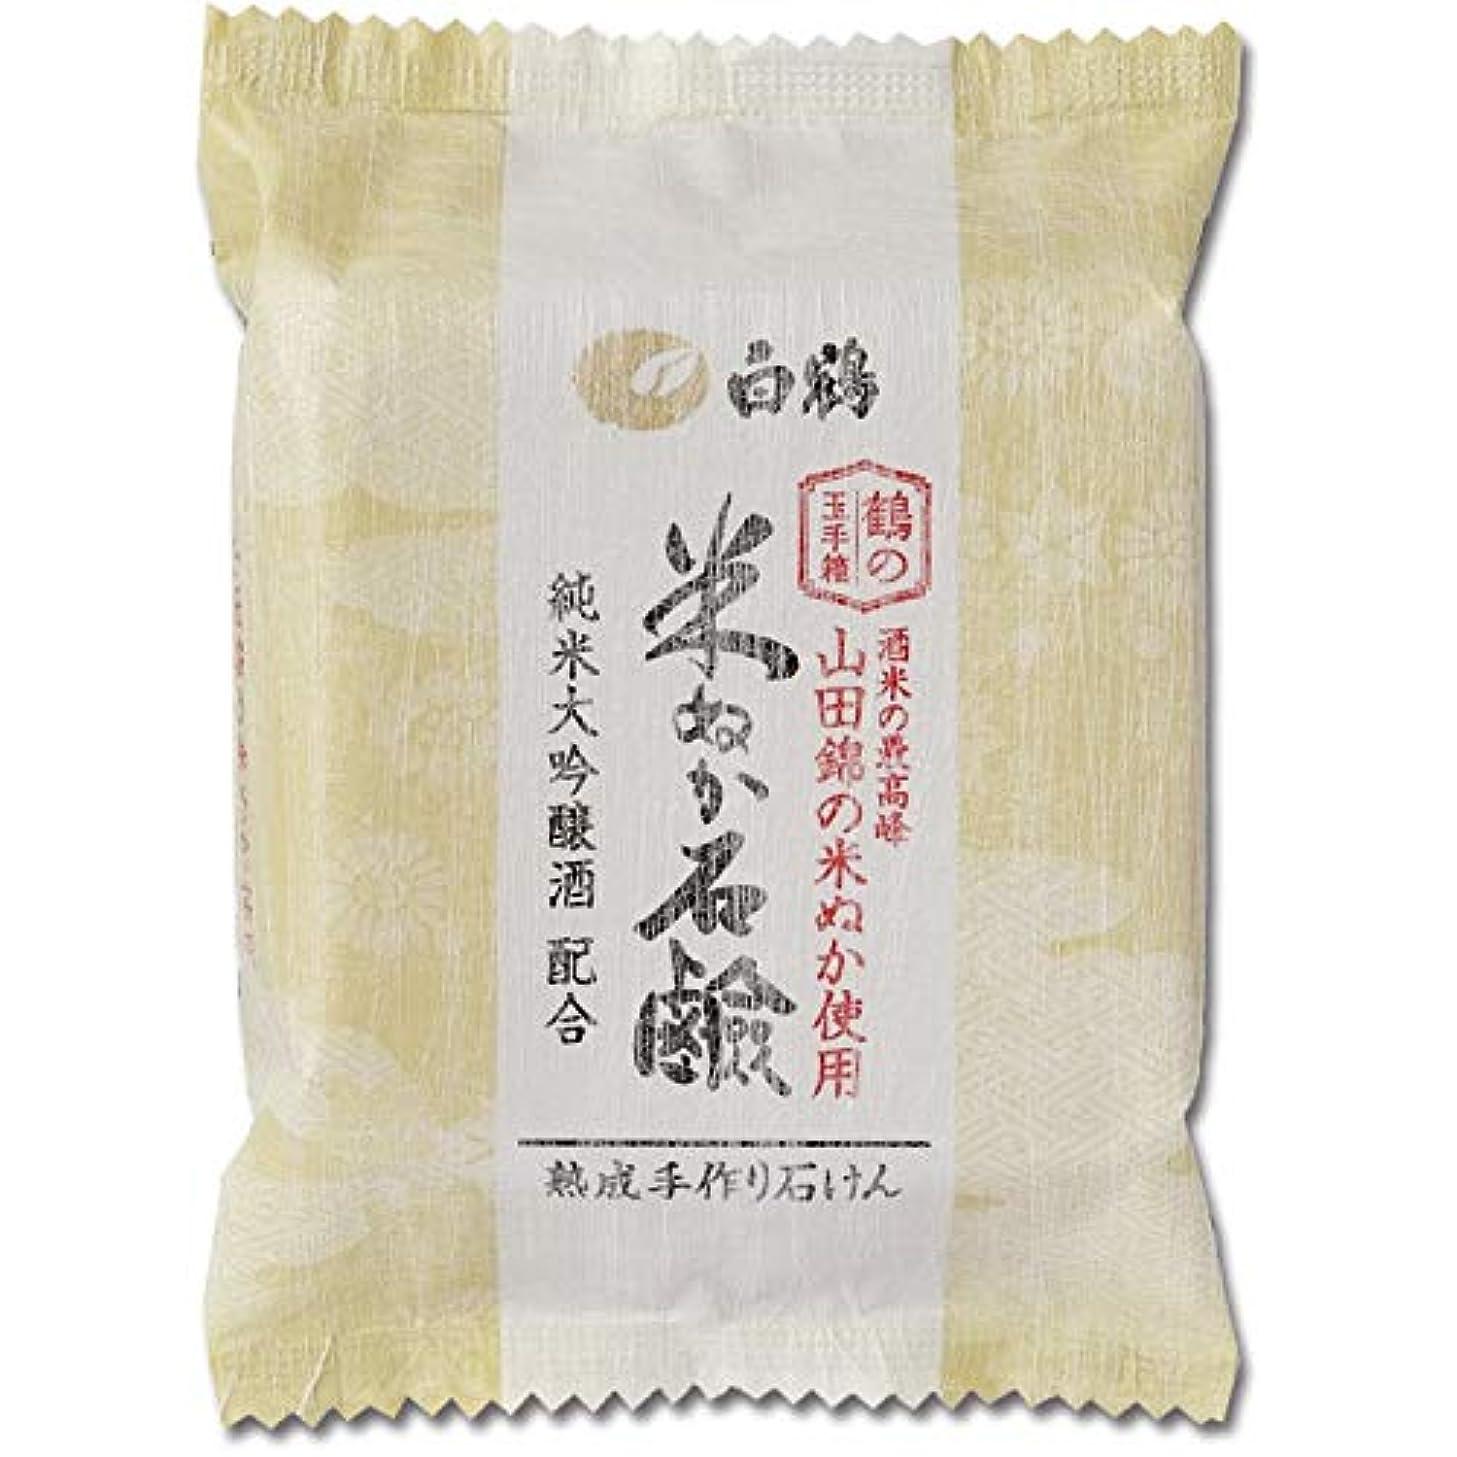 休みアソシエイトやろう白鶴 鶴の玉手箱 米ぬか石けん 100g (全身用石鹸)